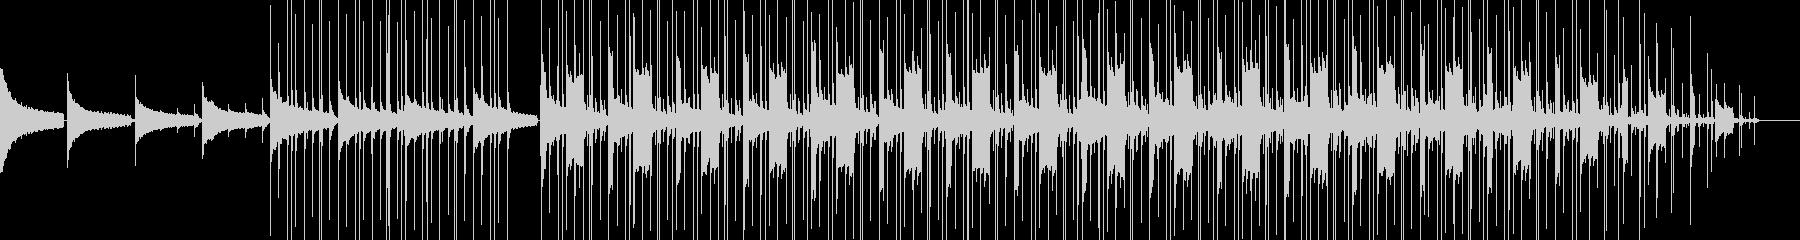 ゆったりした夜の雰囲気のヒップホップの未再生の波形